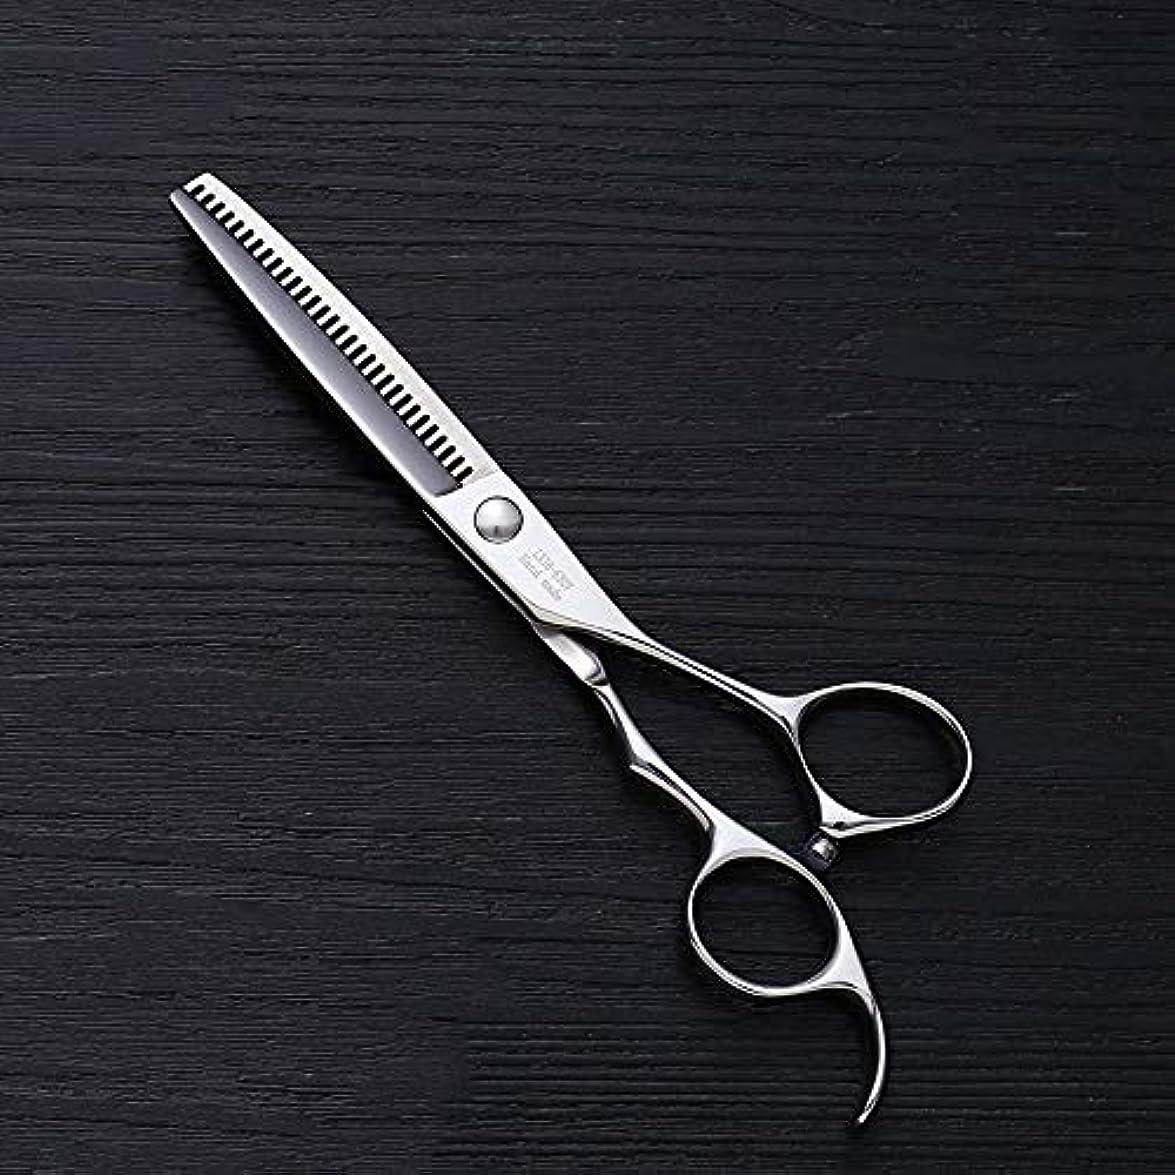 種礼拝餌理髪用はさみ 6インチ美容院プロの理髪はさみ、V型30歯散髪はさみ散髪はさみステンレス理髪はさみ (色 : Silver)